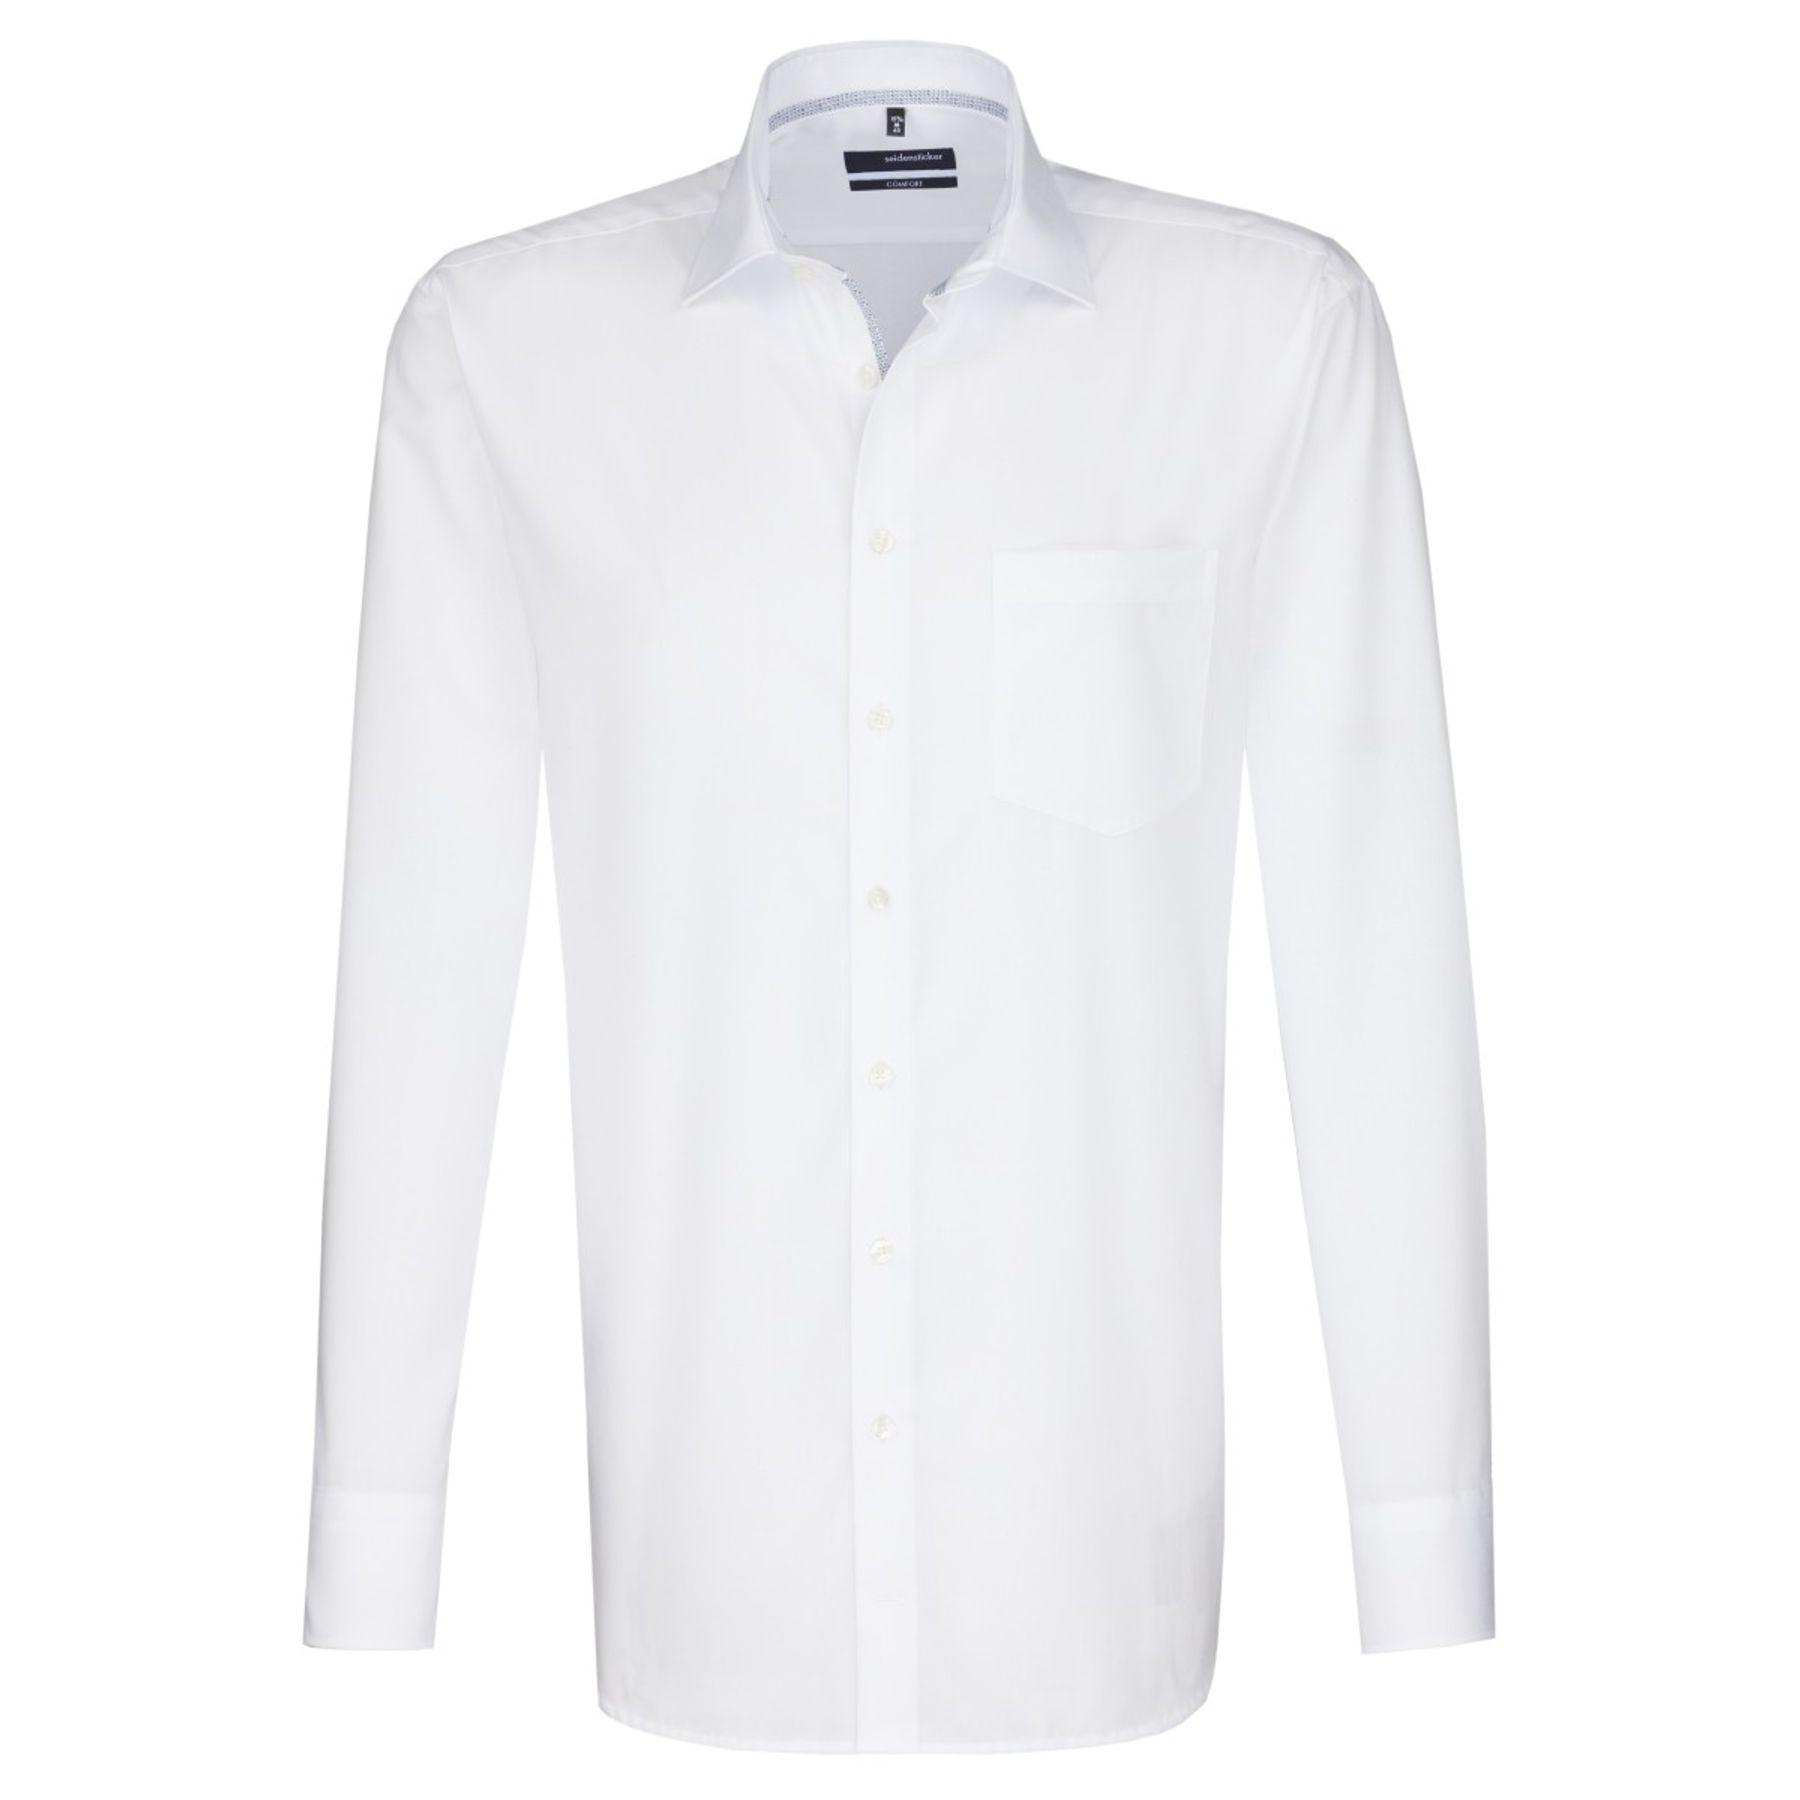 Seidensticker - Herren Hemd, Bügelfrei, Comfort, Schwarze Rose mit Kent Kragen in Weiß (01.311846) – Bild 1